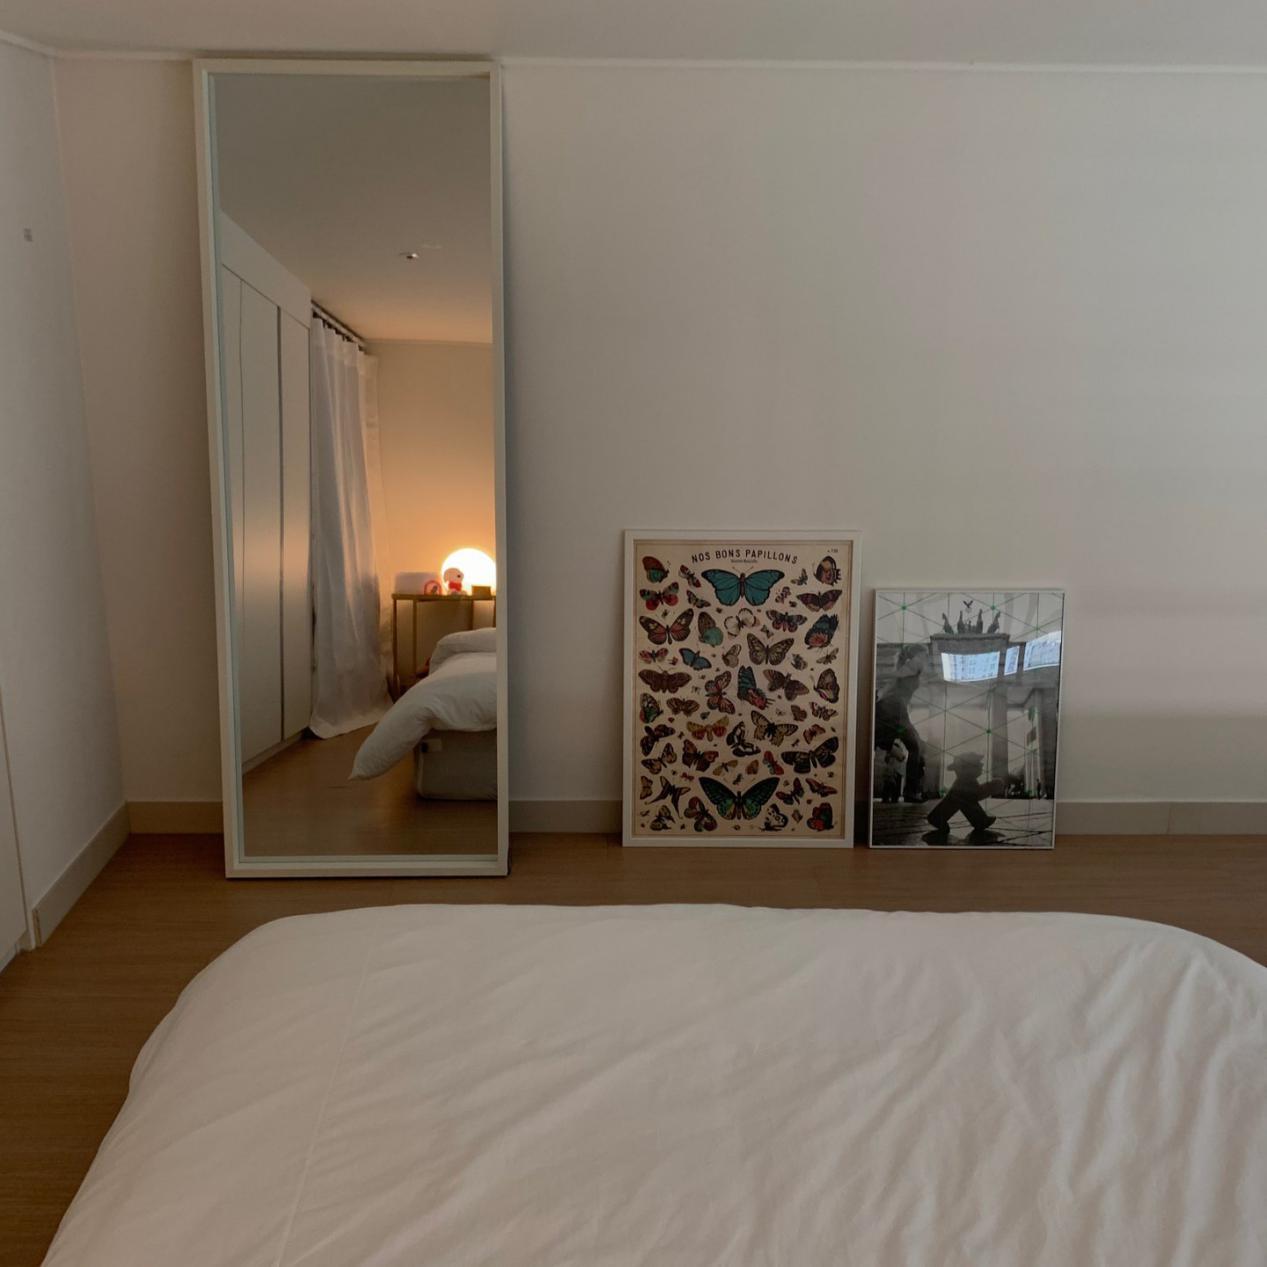 一个人蜗居26㎡,却乐在其中,家小而温馨,4米2层高抬高床睡上面